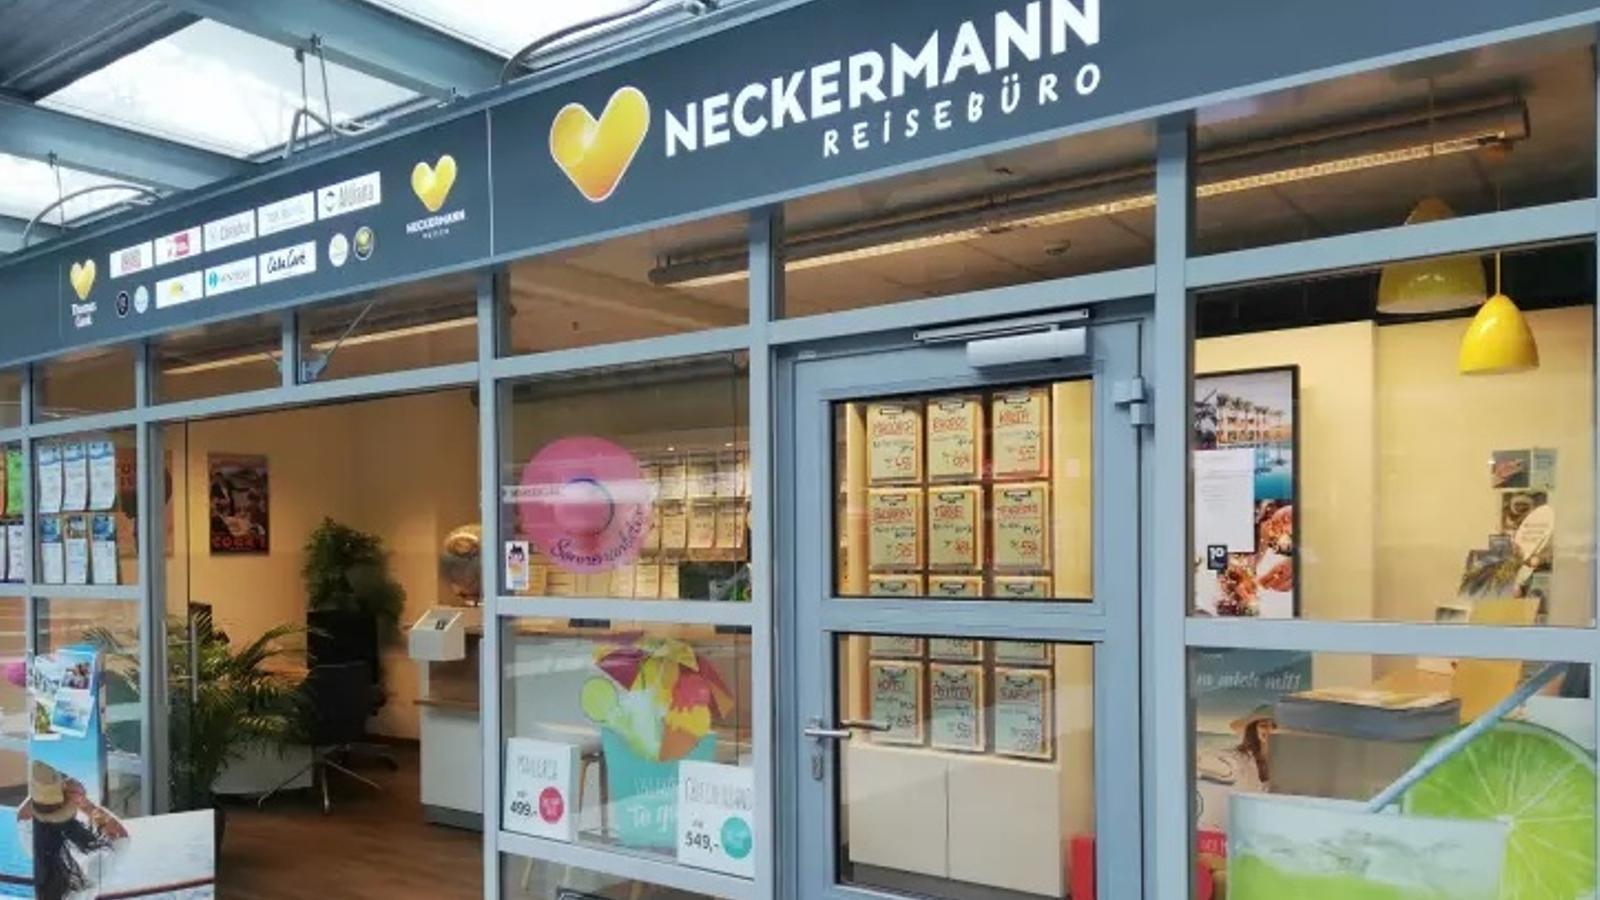 Agència de viatges del grup Neckermann